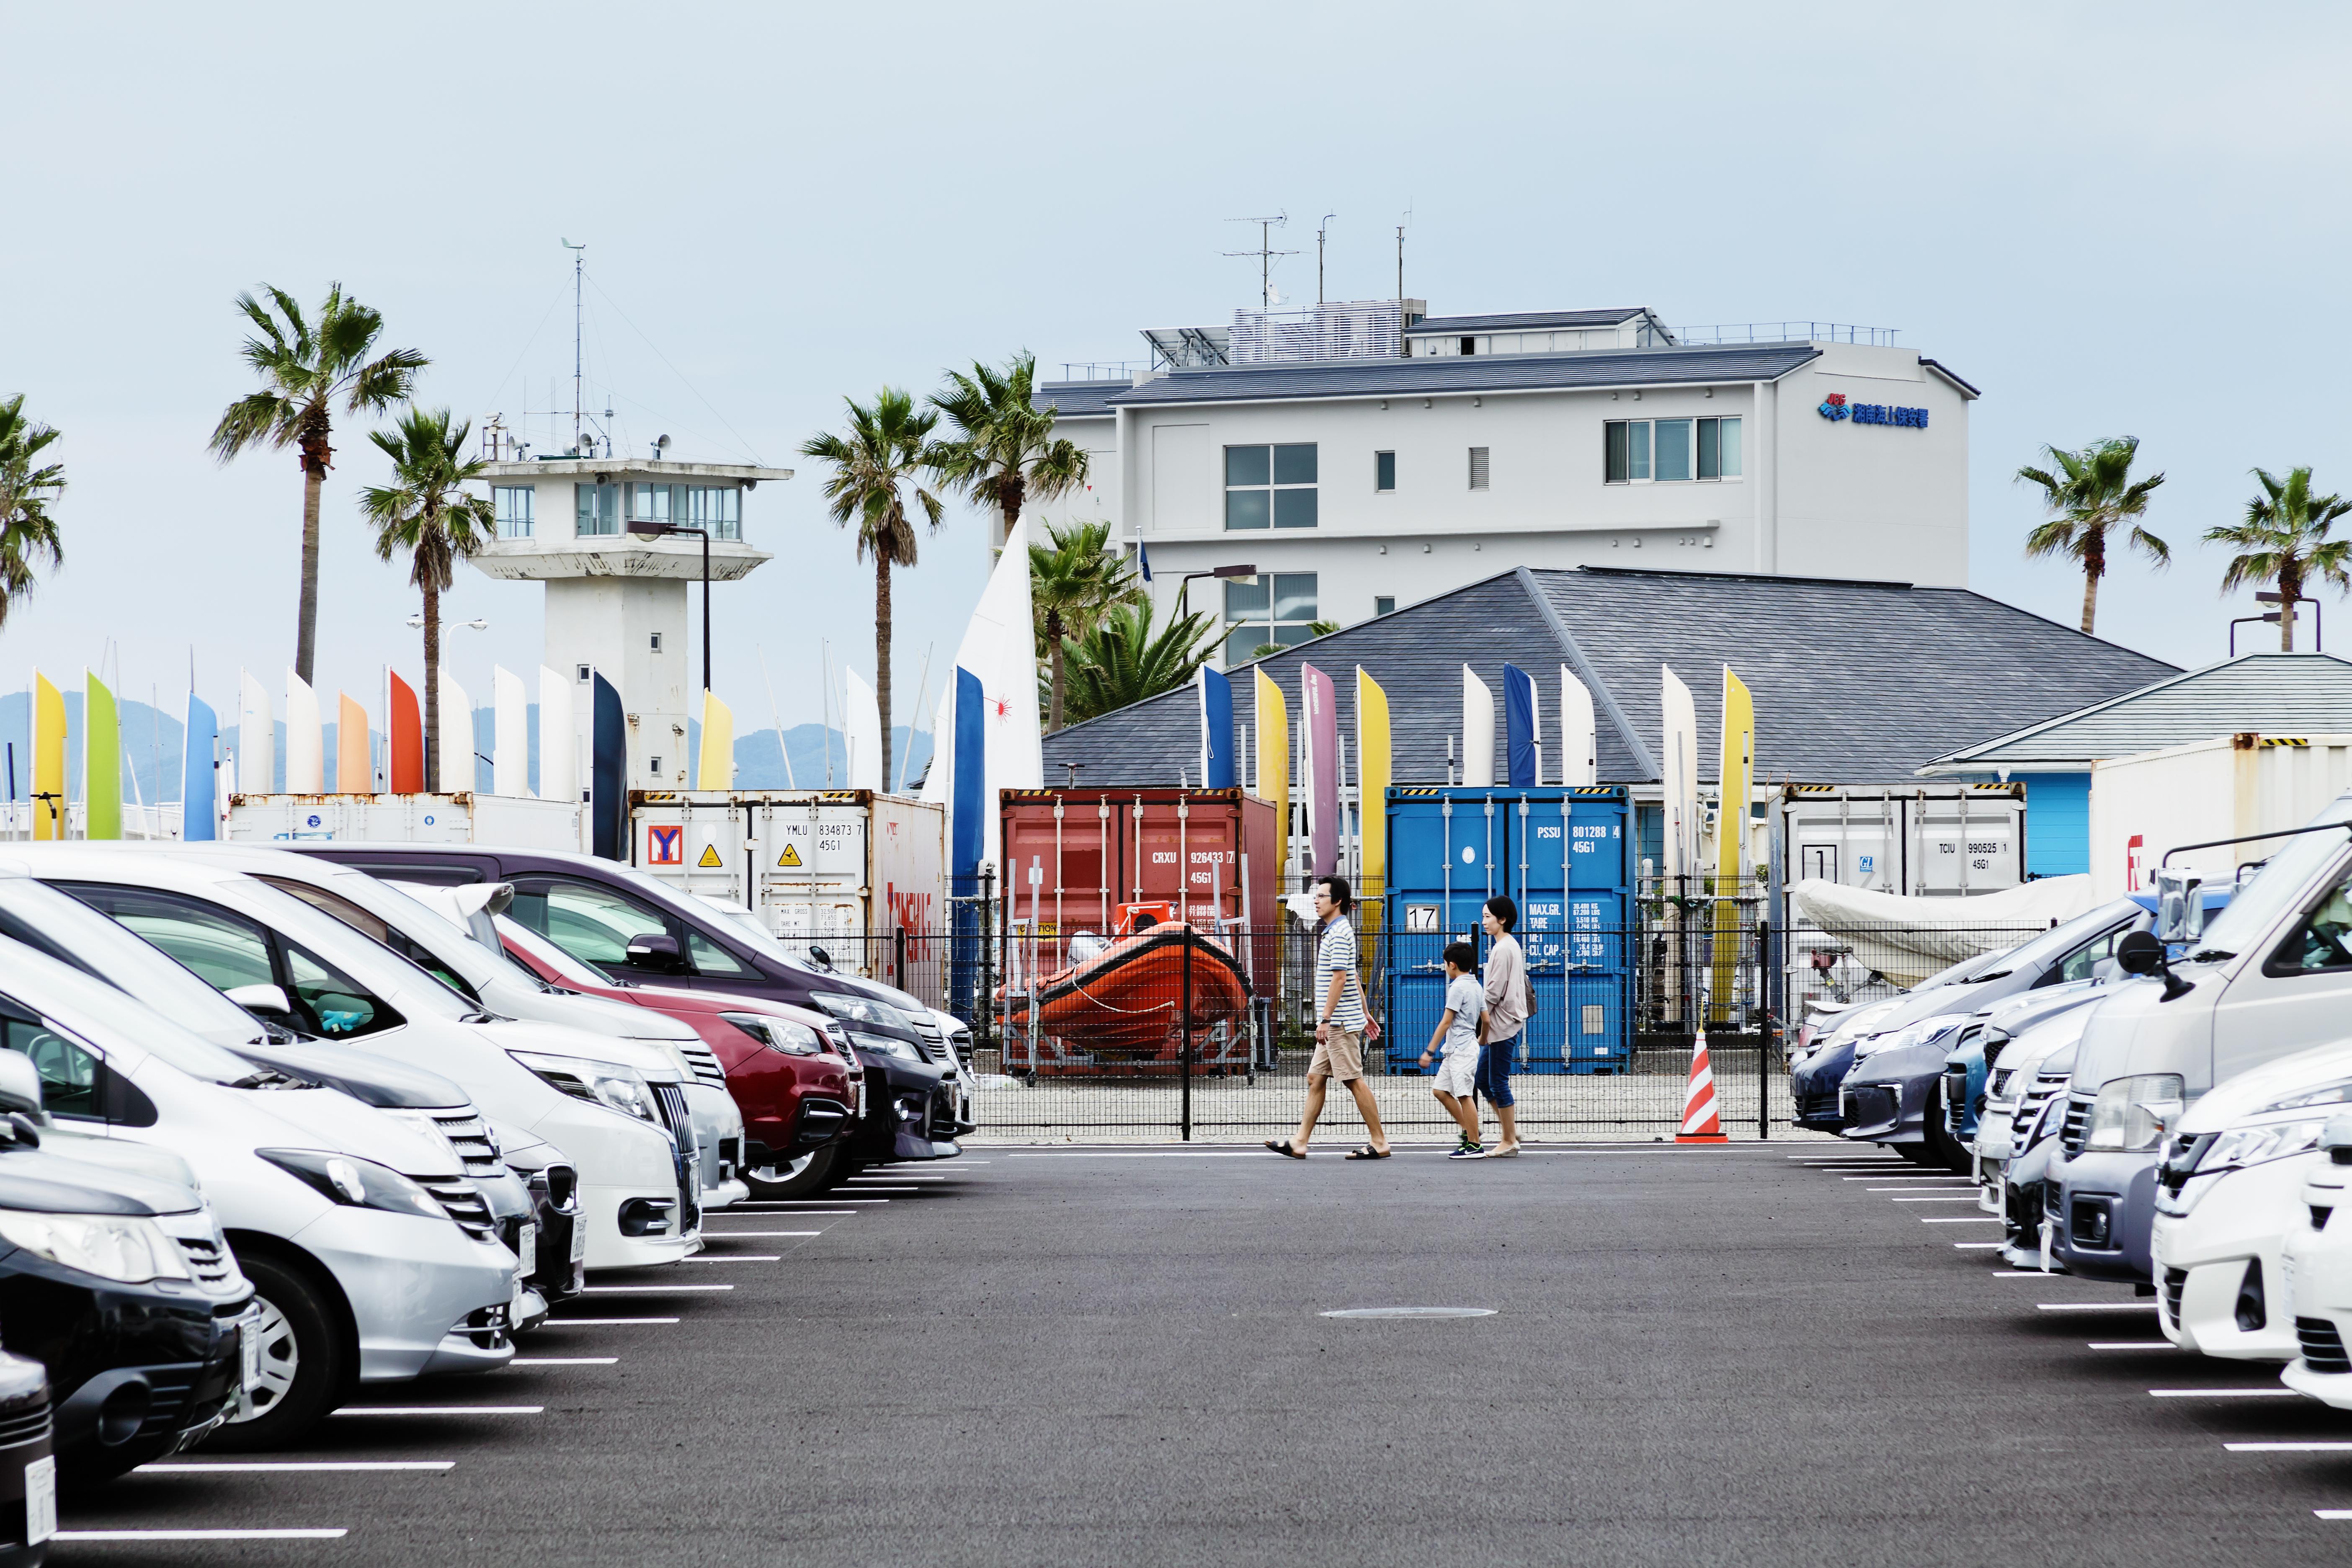 江の島かもめ駐車場・艇置場 02